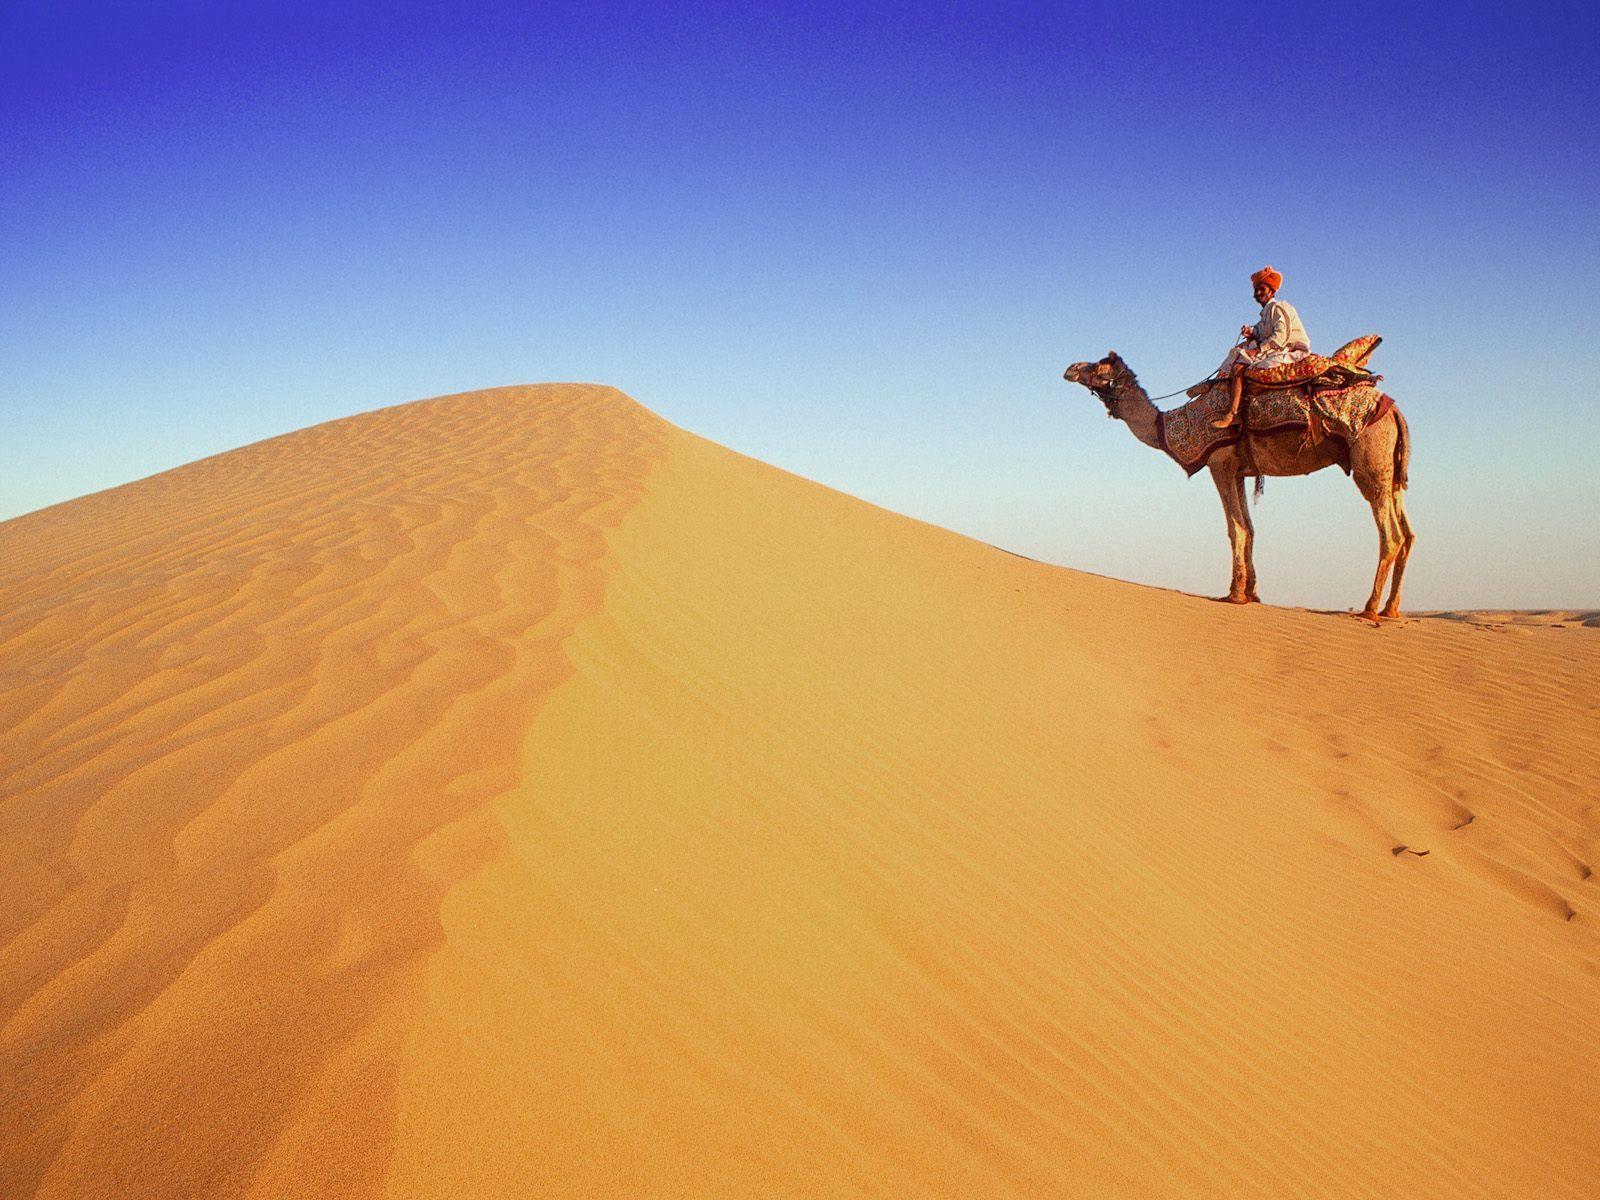 camel-walk-in-desert-wallpaper